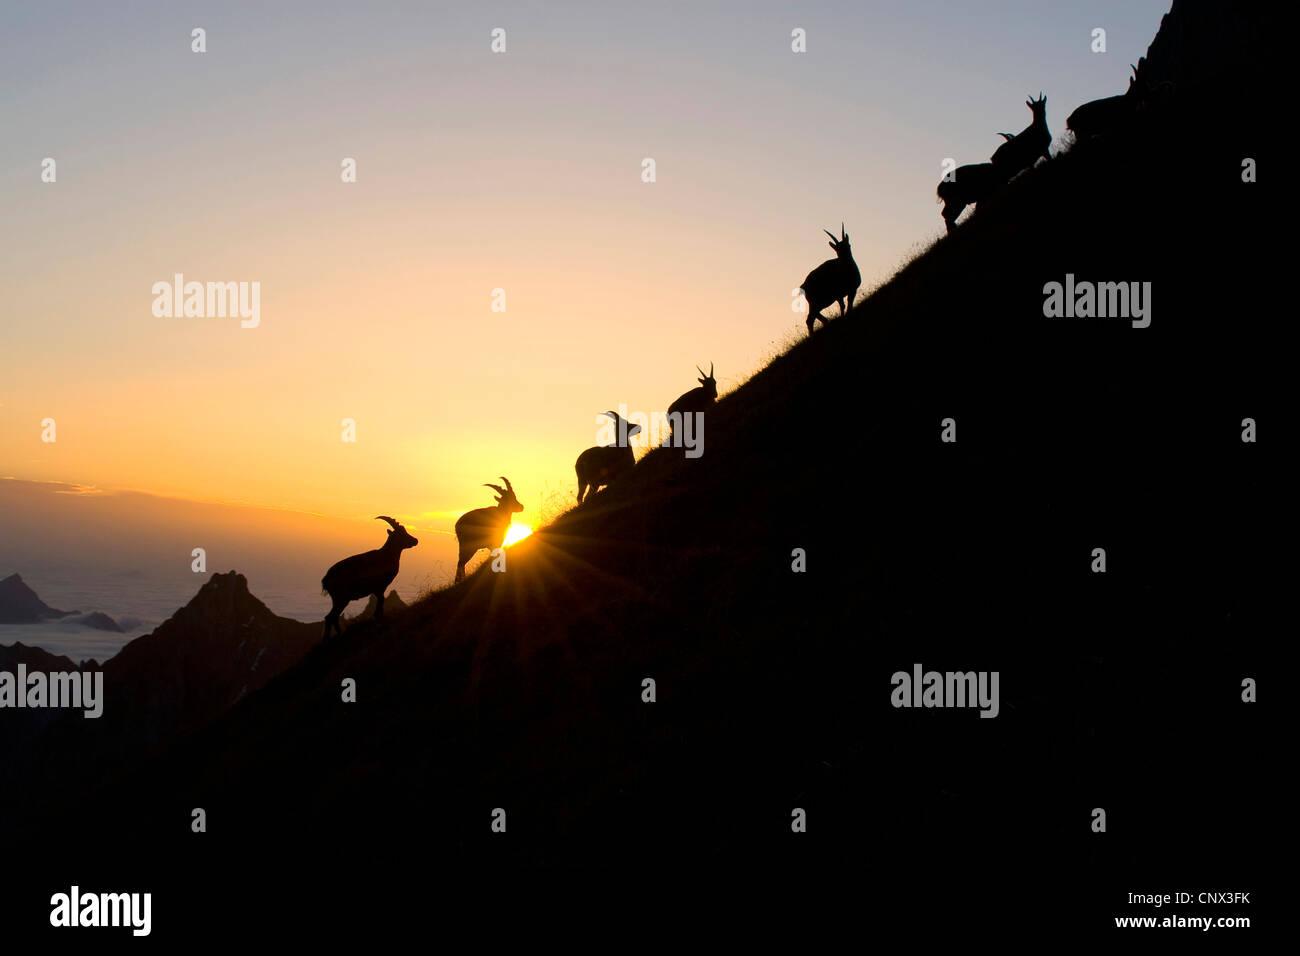 Alpensteinbock (Capra Ibex), Silhouetten eines Packs auf einem Bergrücken vor dem Sonnenuntergang, Säntis, Stockbild